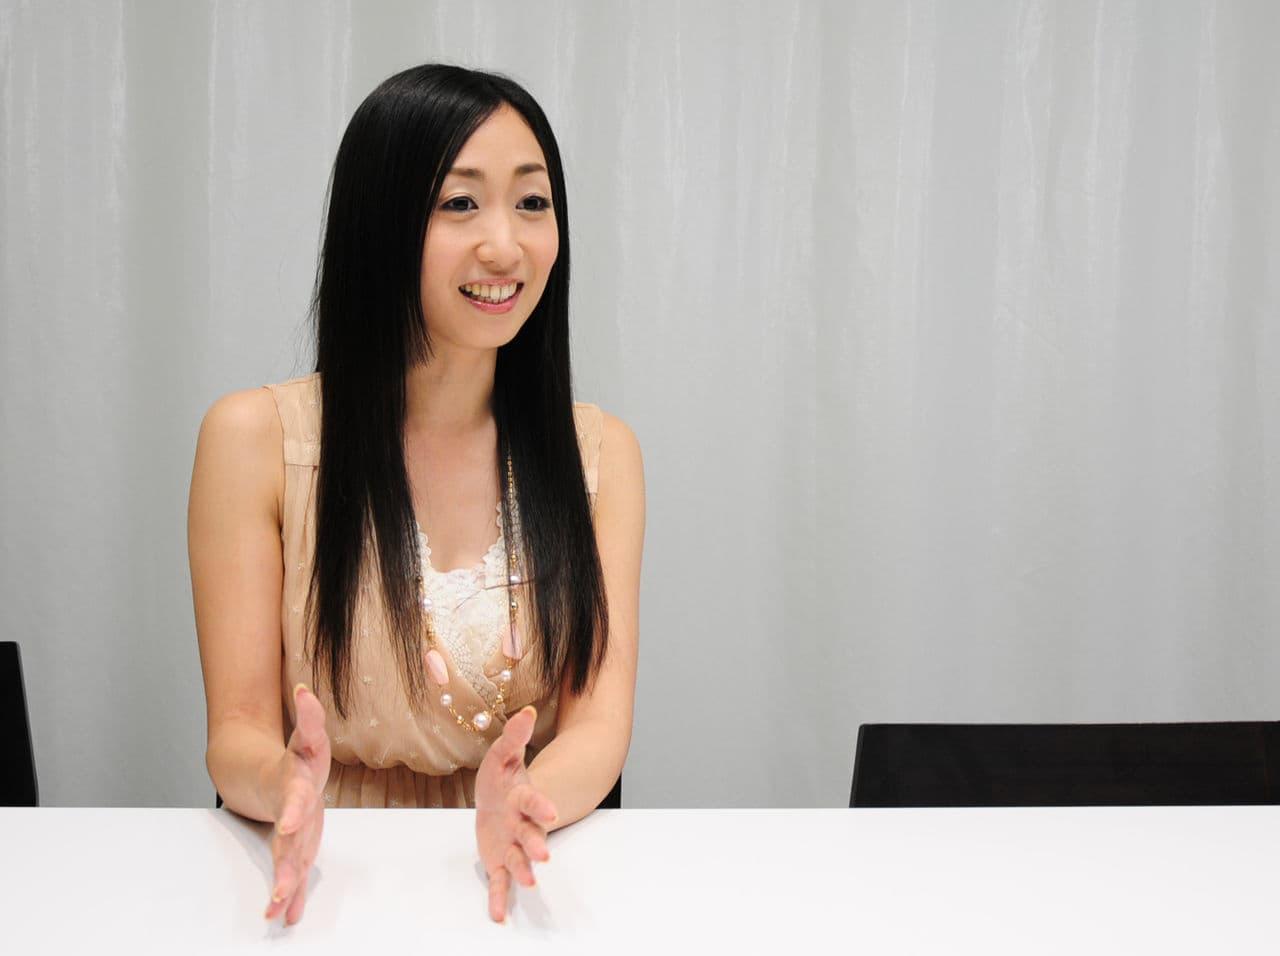 絵音 インタビュー AM編集部